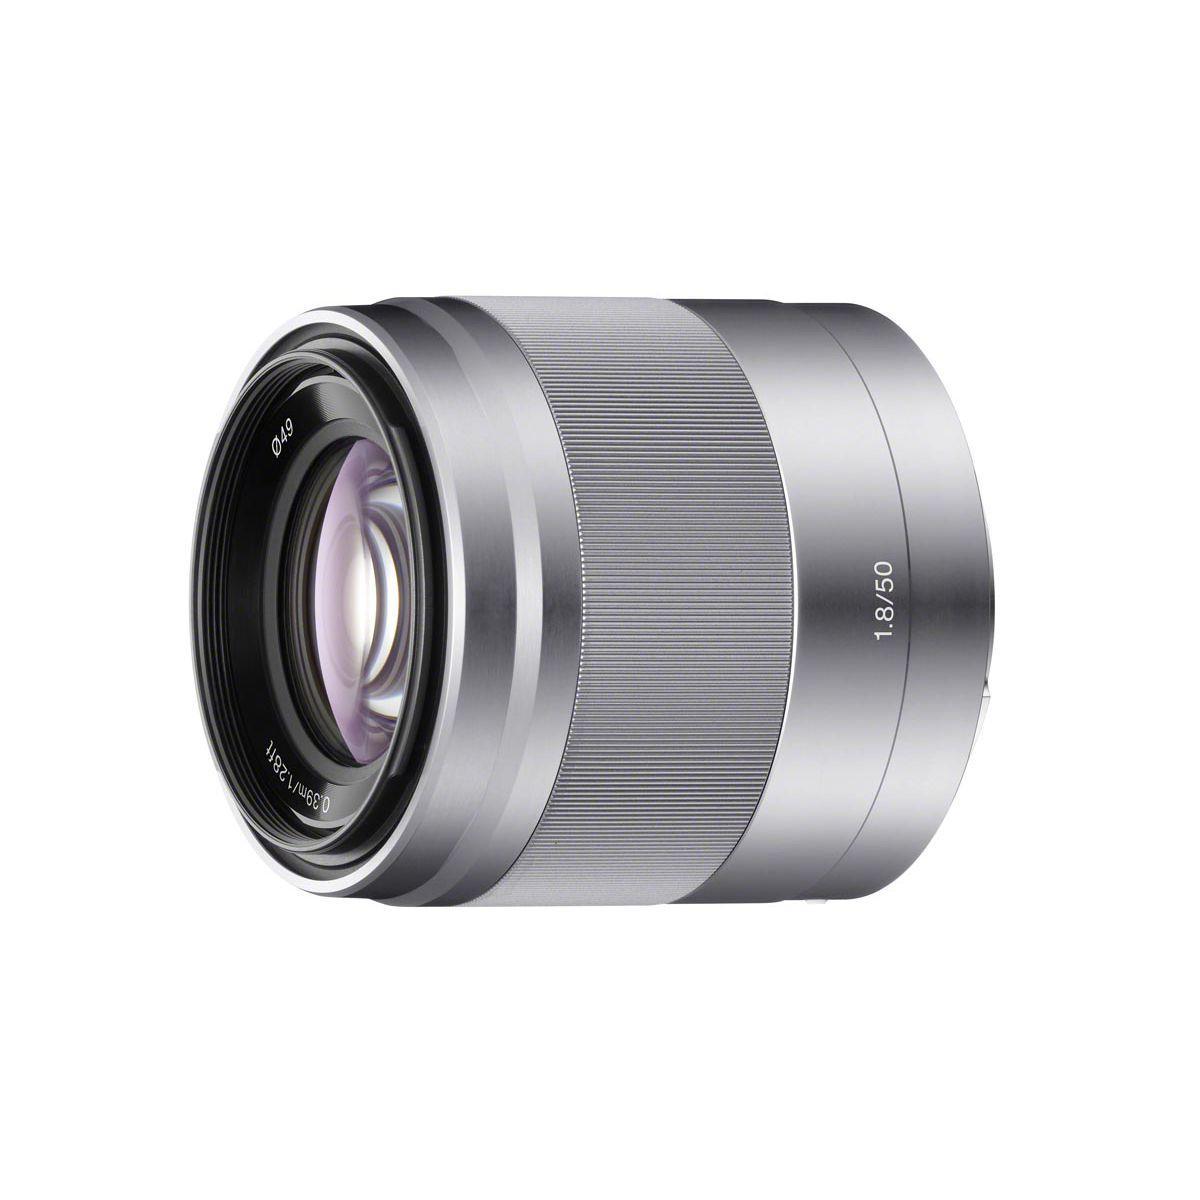 Objectif sony sel 50mm f/1,8 oss silver